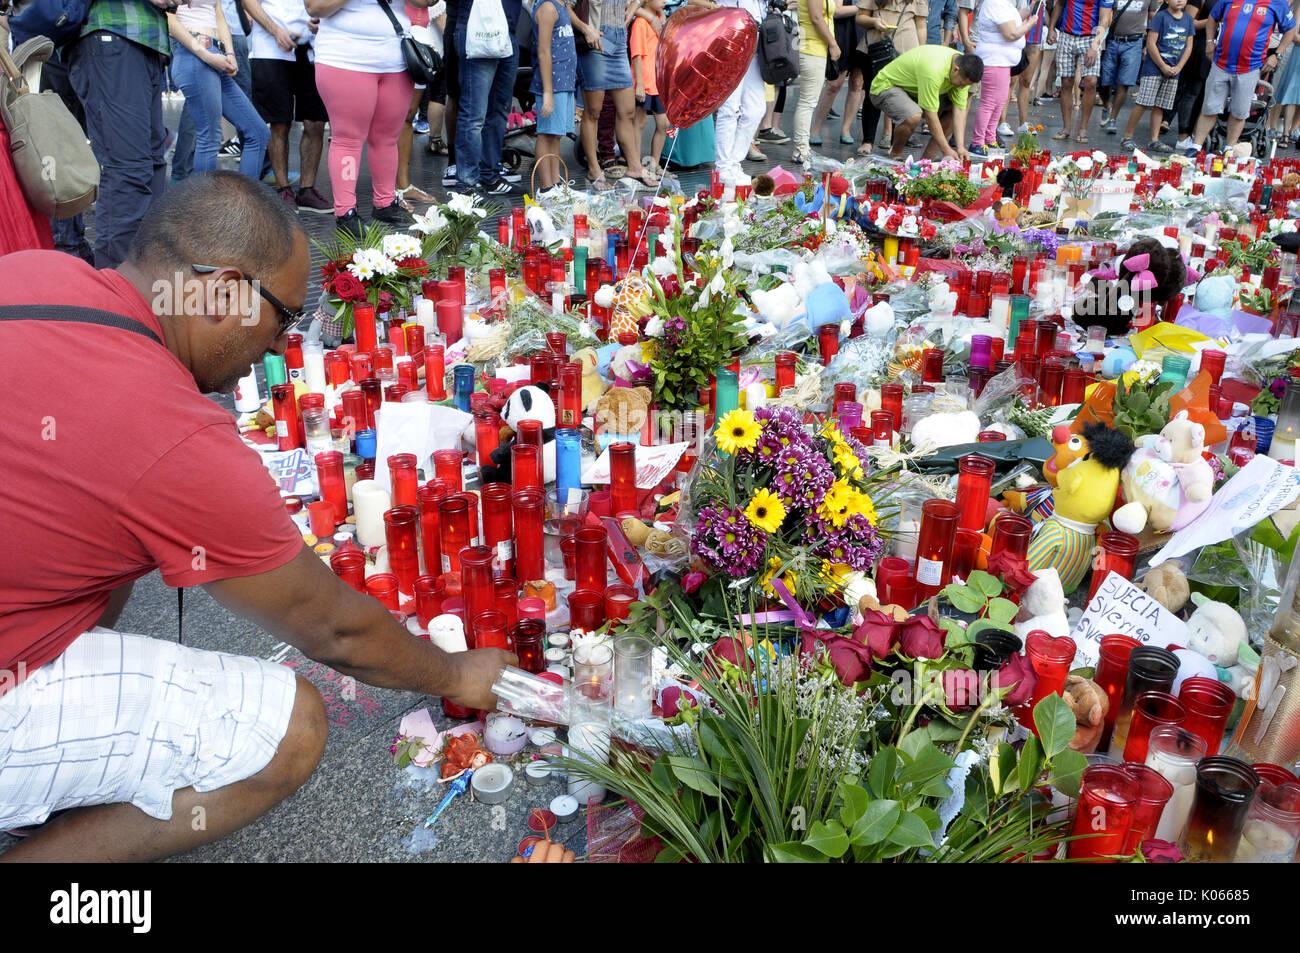 Las Ramblas, Barcelona, Spanien. 20 Aug, 2017. Menschen bringen Blumen, Licht, Kerzen und Puppen Gebete und Meditationen Stockfoto